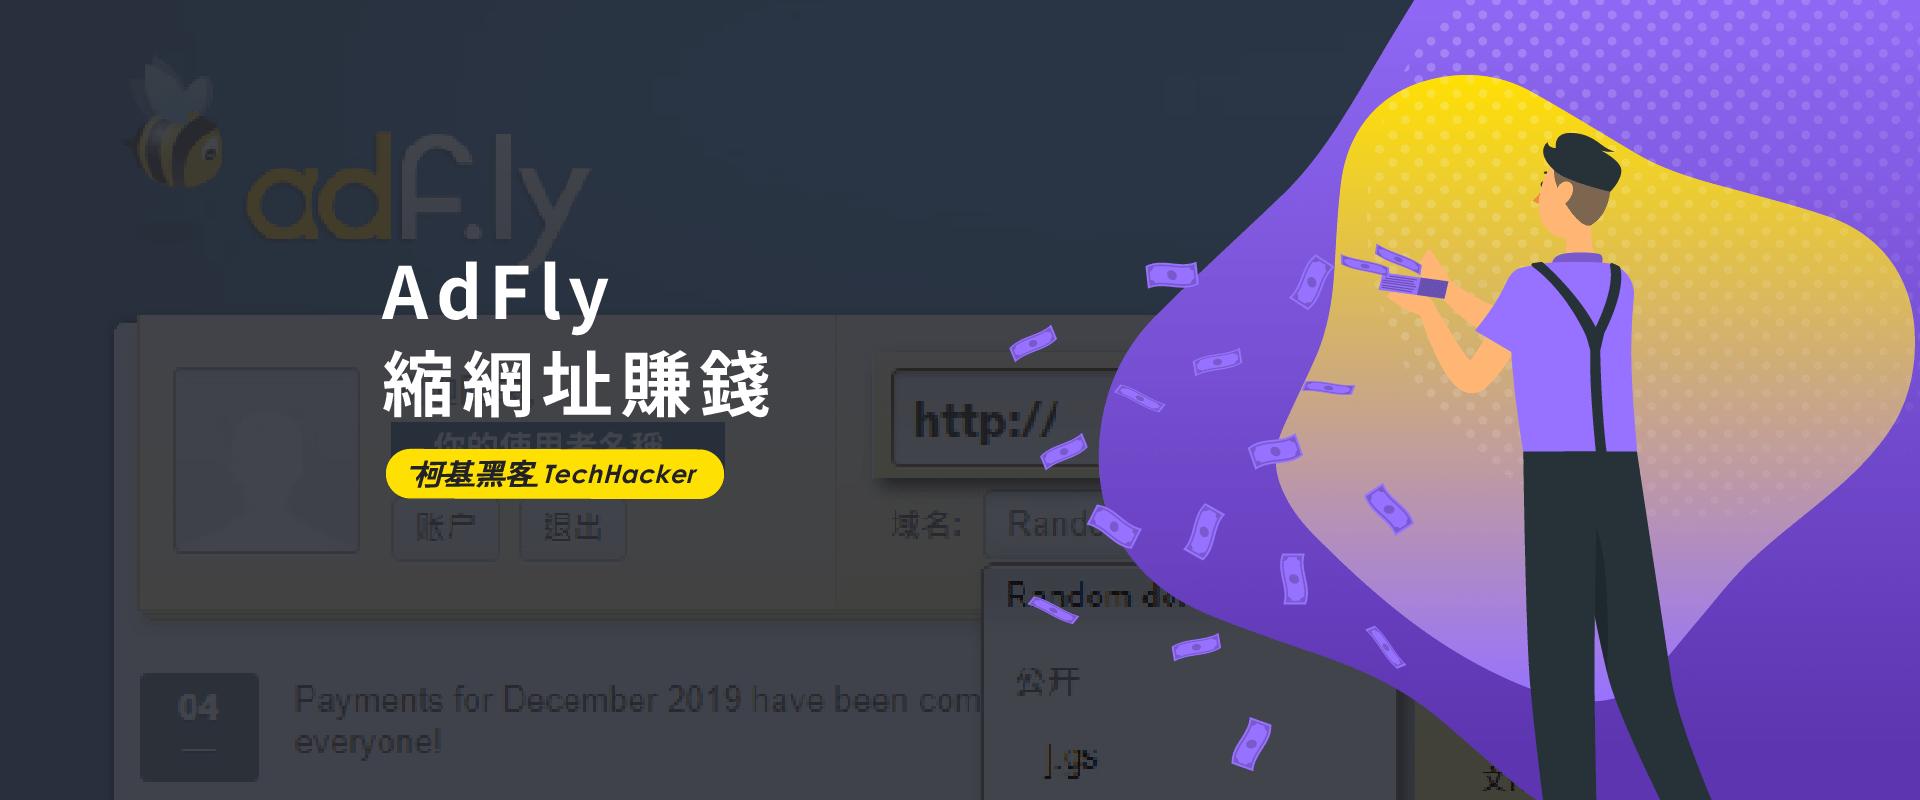 我領到 AdFly 縮網址的收益了!. 網路賺錢是真的。附出金紀錄 | by 柯基黑客 TechHacker | 柯基黑客 TechHacker | Medium